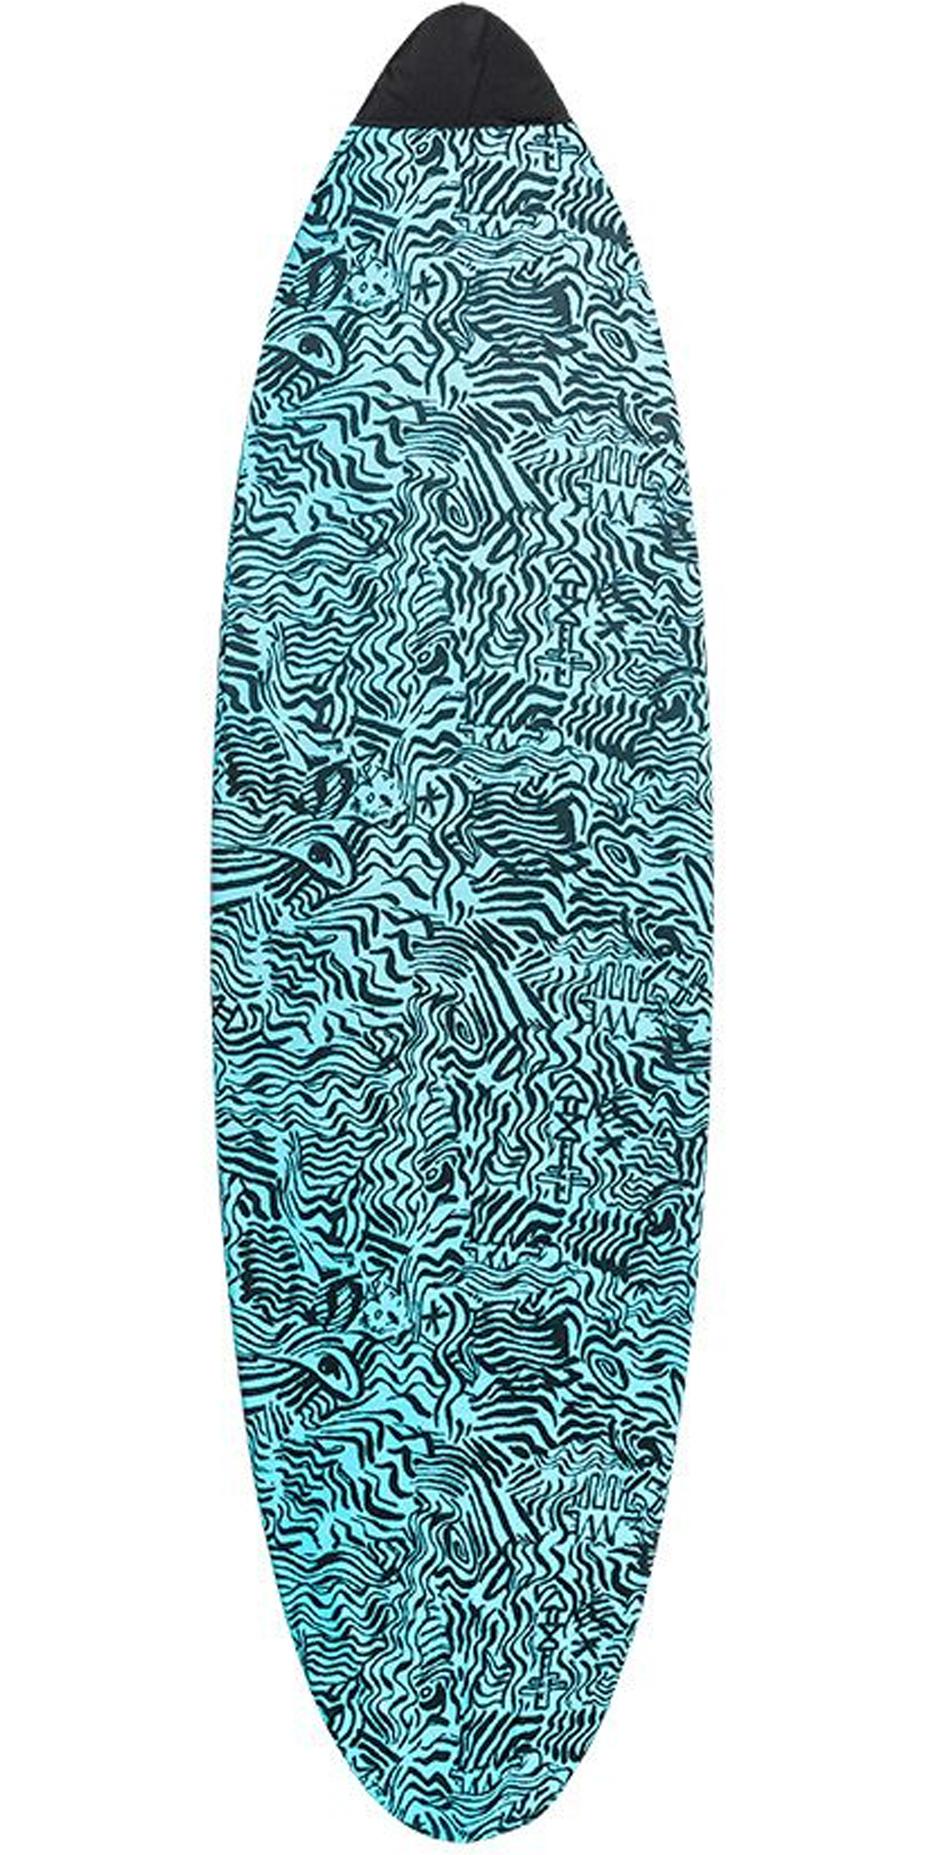 2019 Quiksilver EuroGlass Funboard Surfboard Sock 7